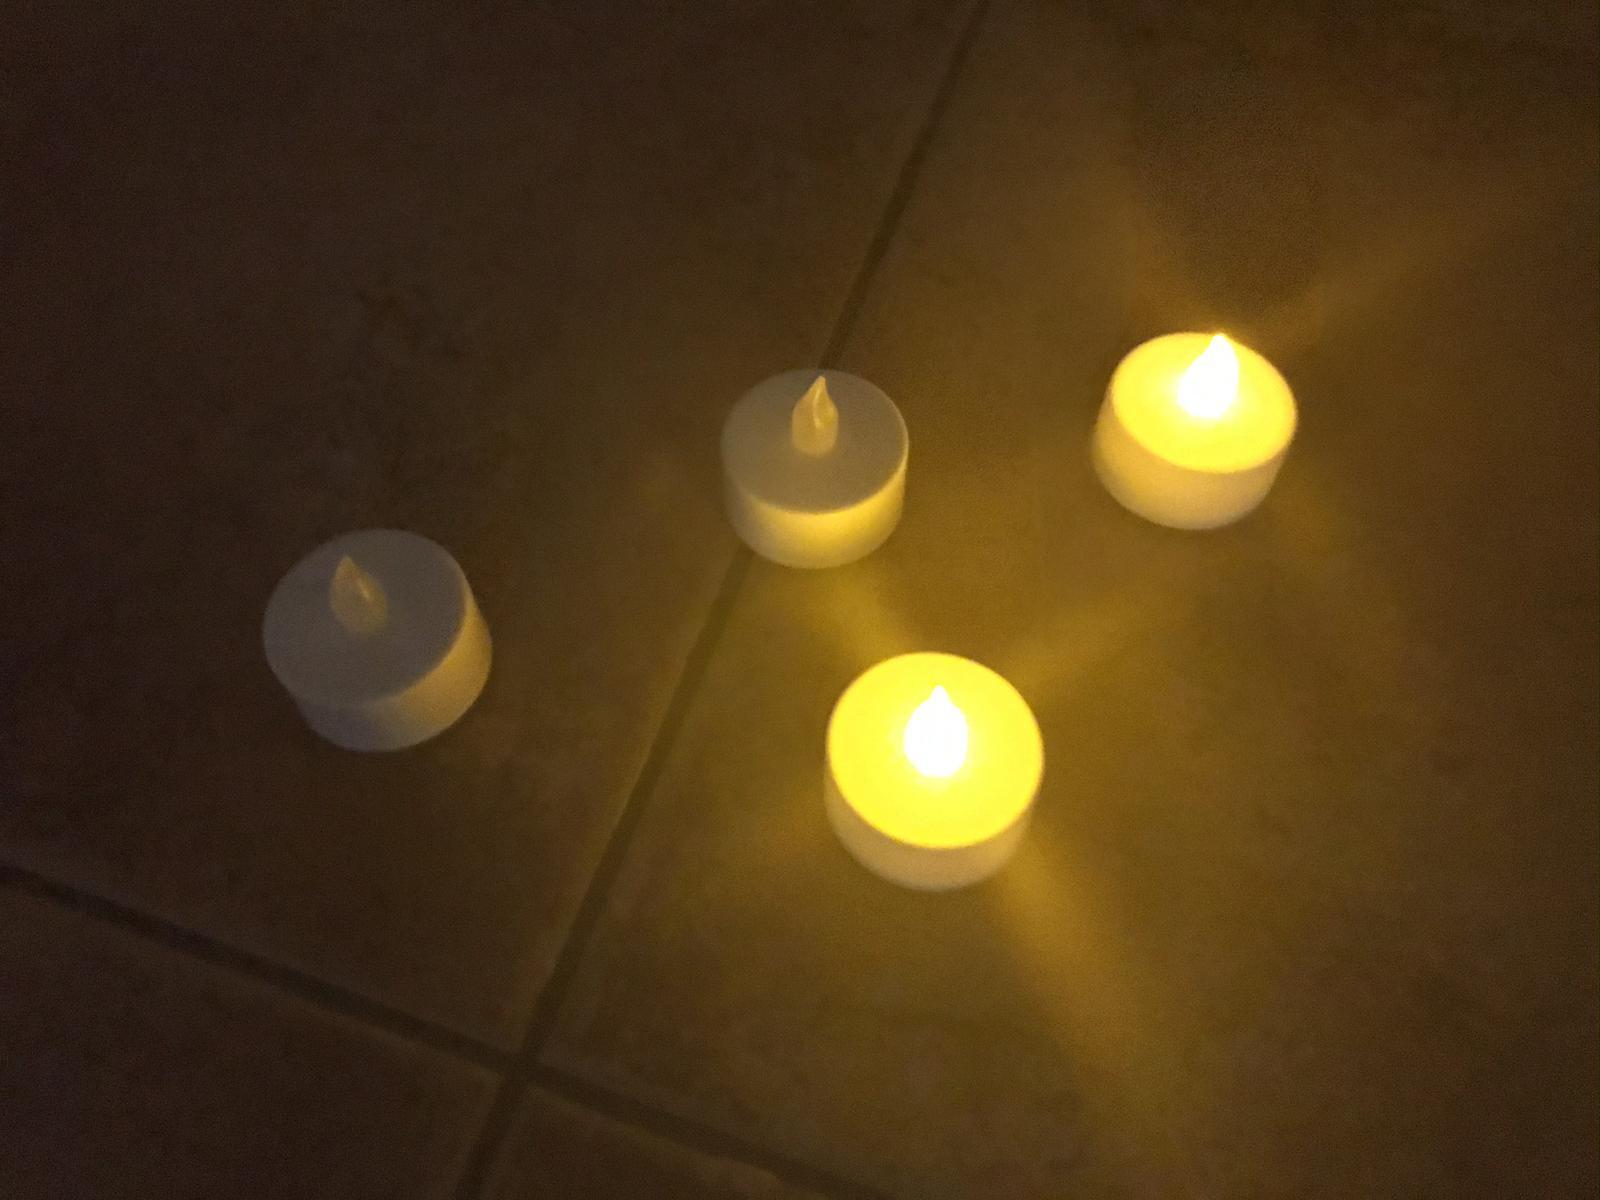 LED čajové svíčky s efektem hoření - PRODÁNO  - Obrázek č. 2